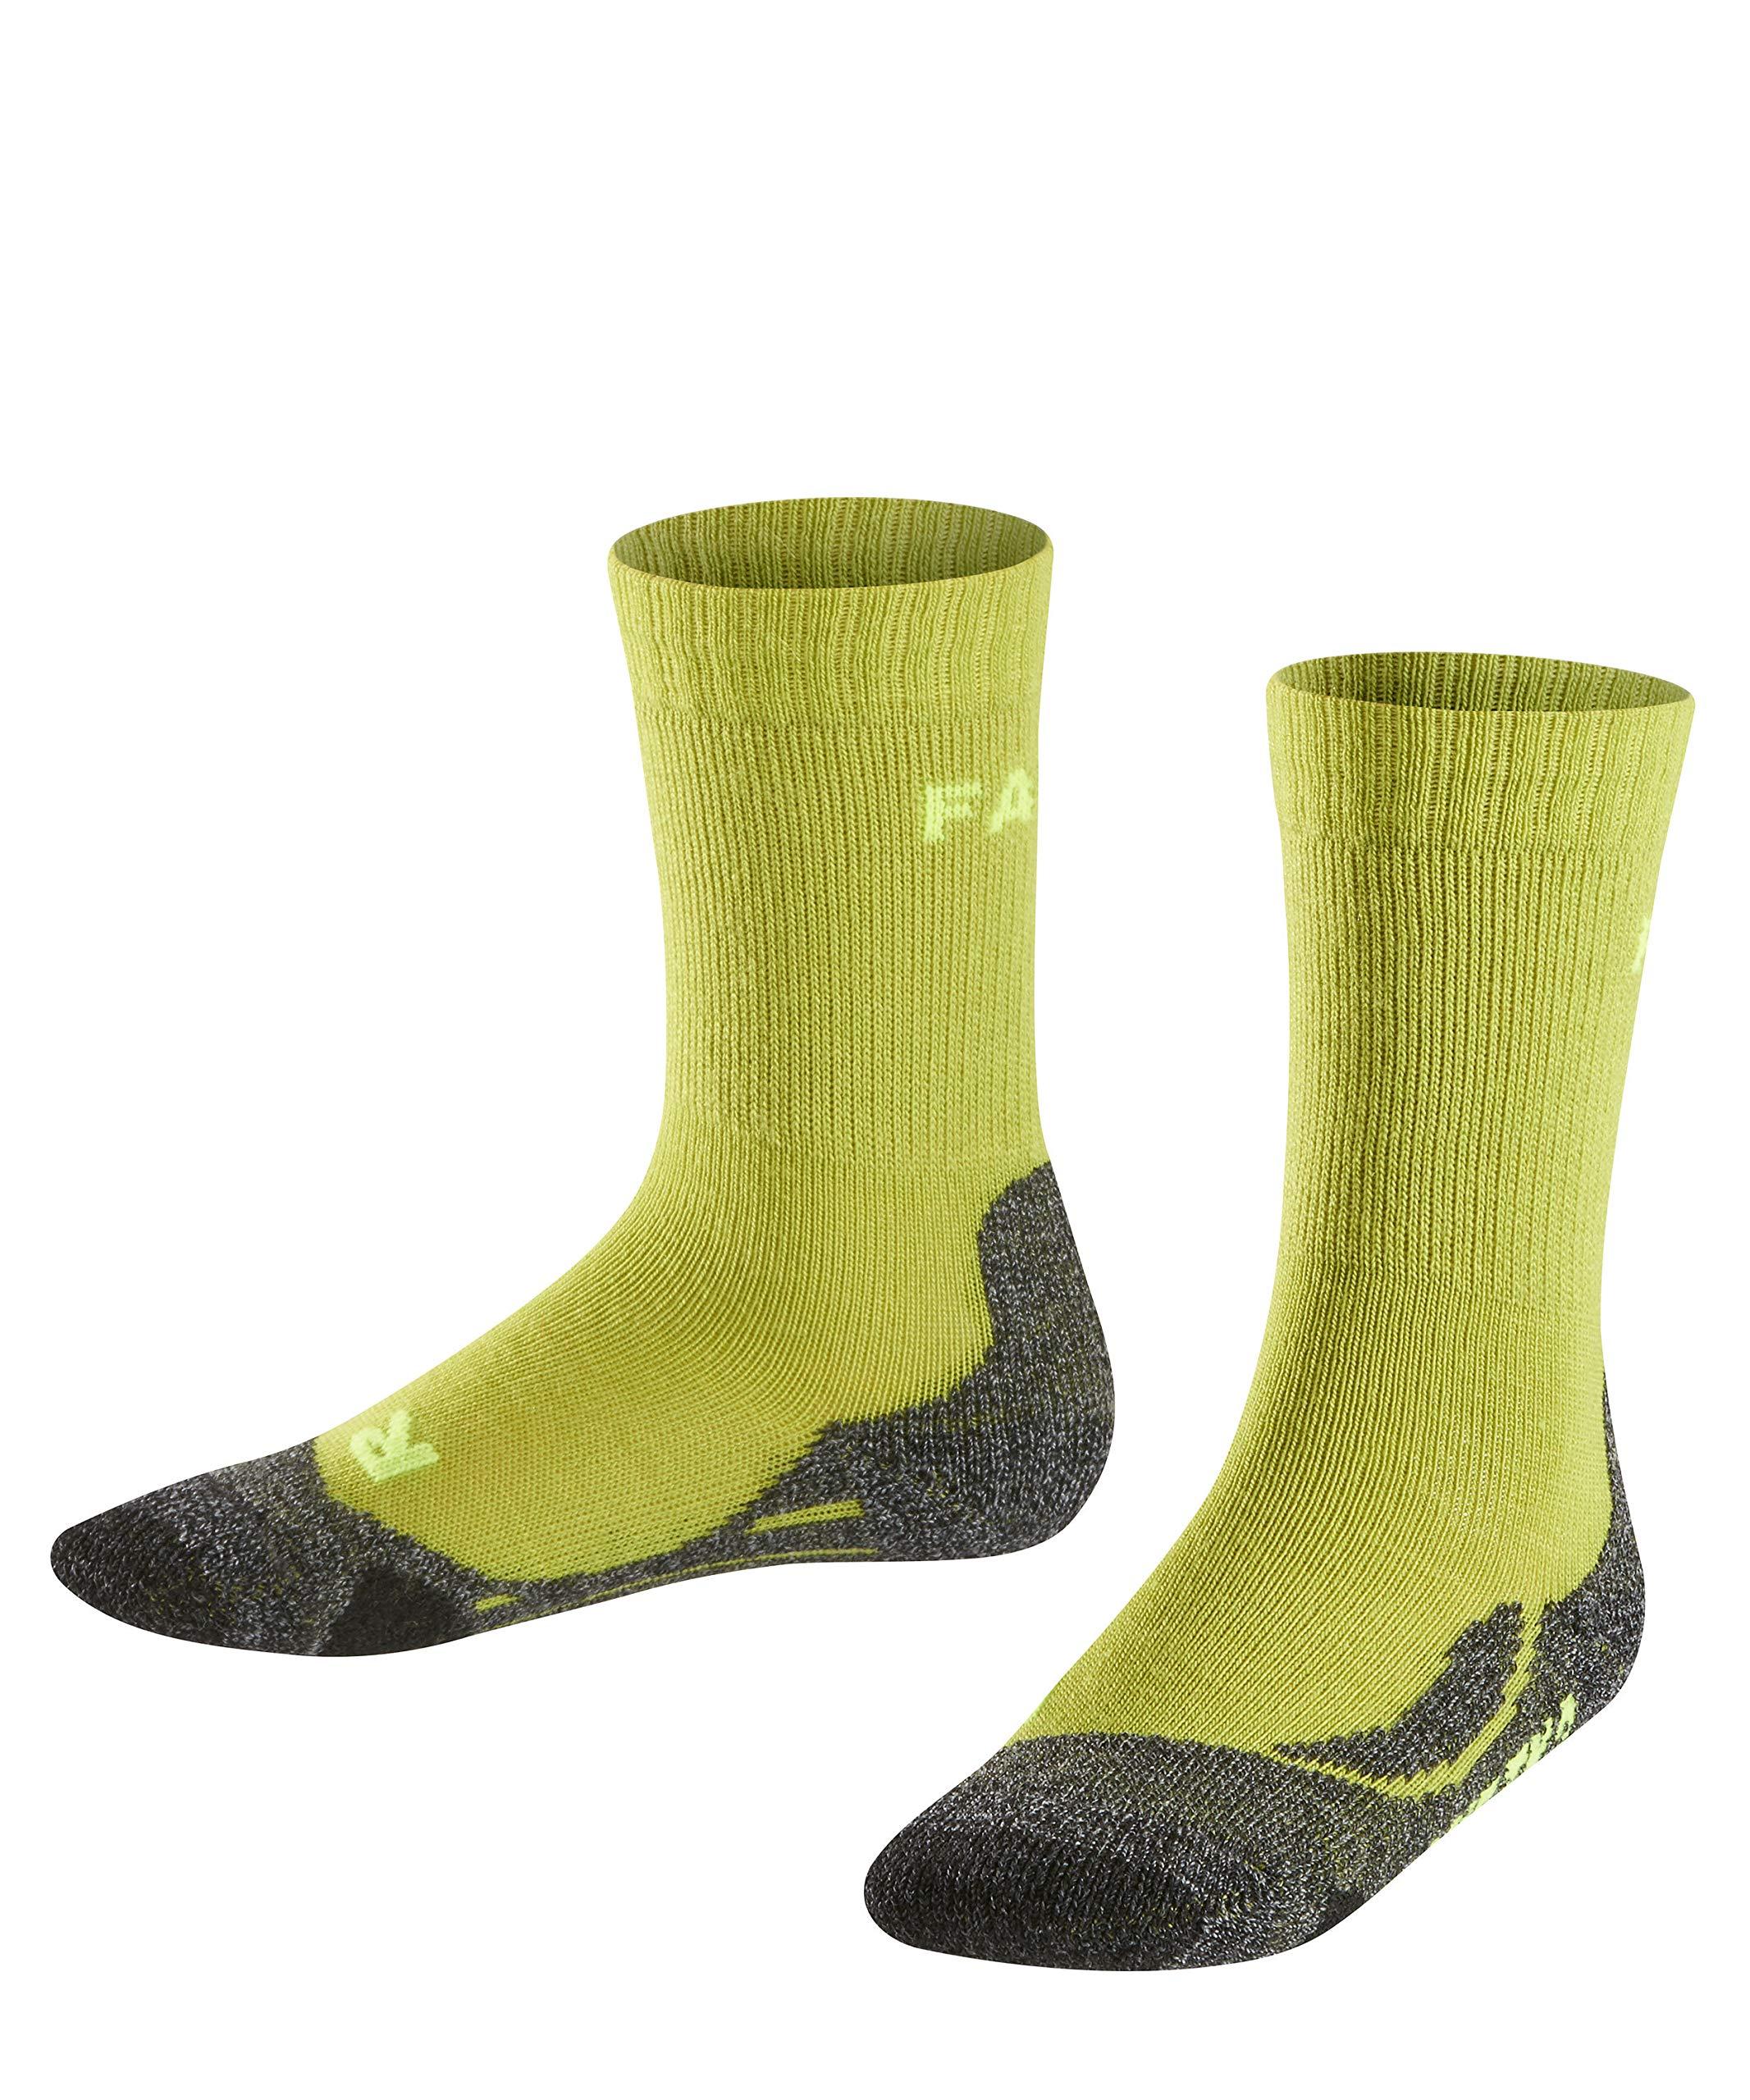 Falke Children's Tk2 Trekking Socks - 1 Pair 1